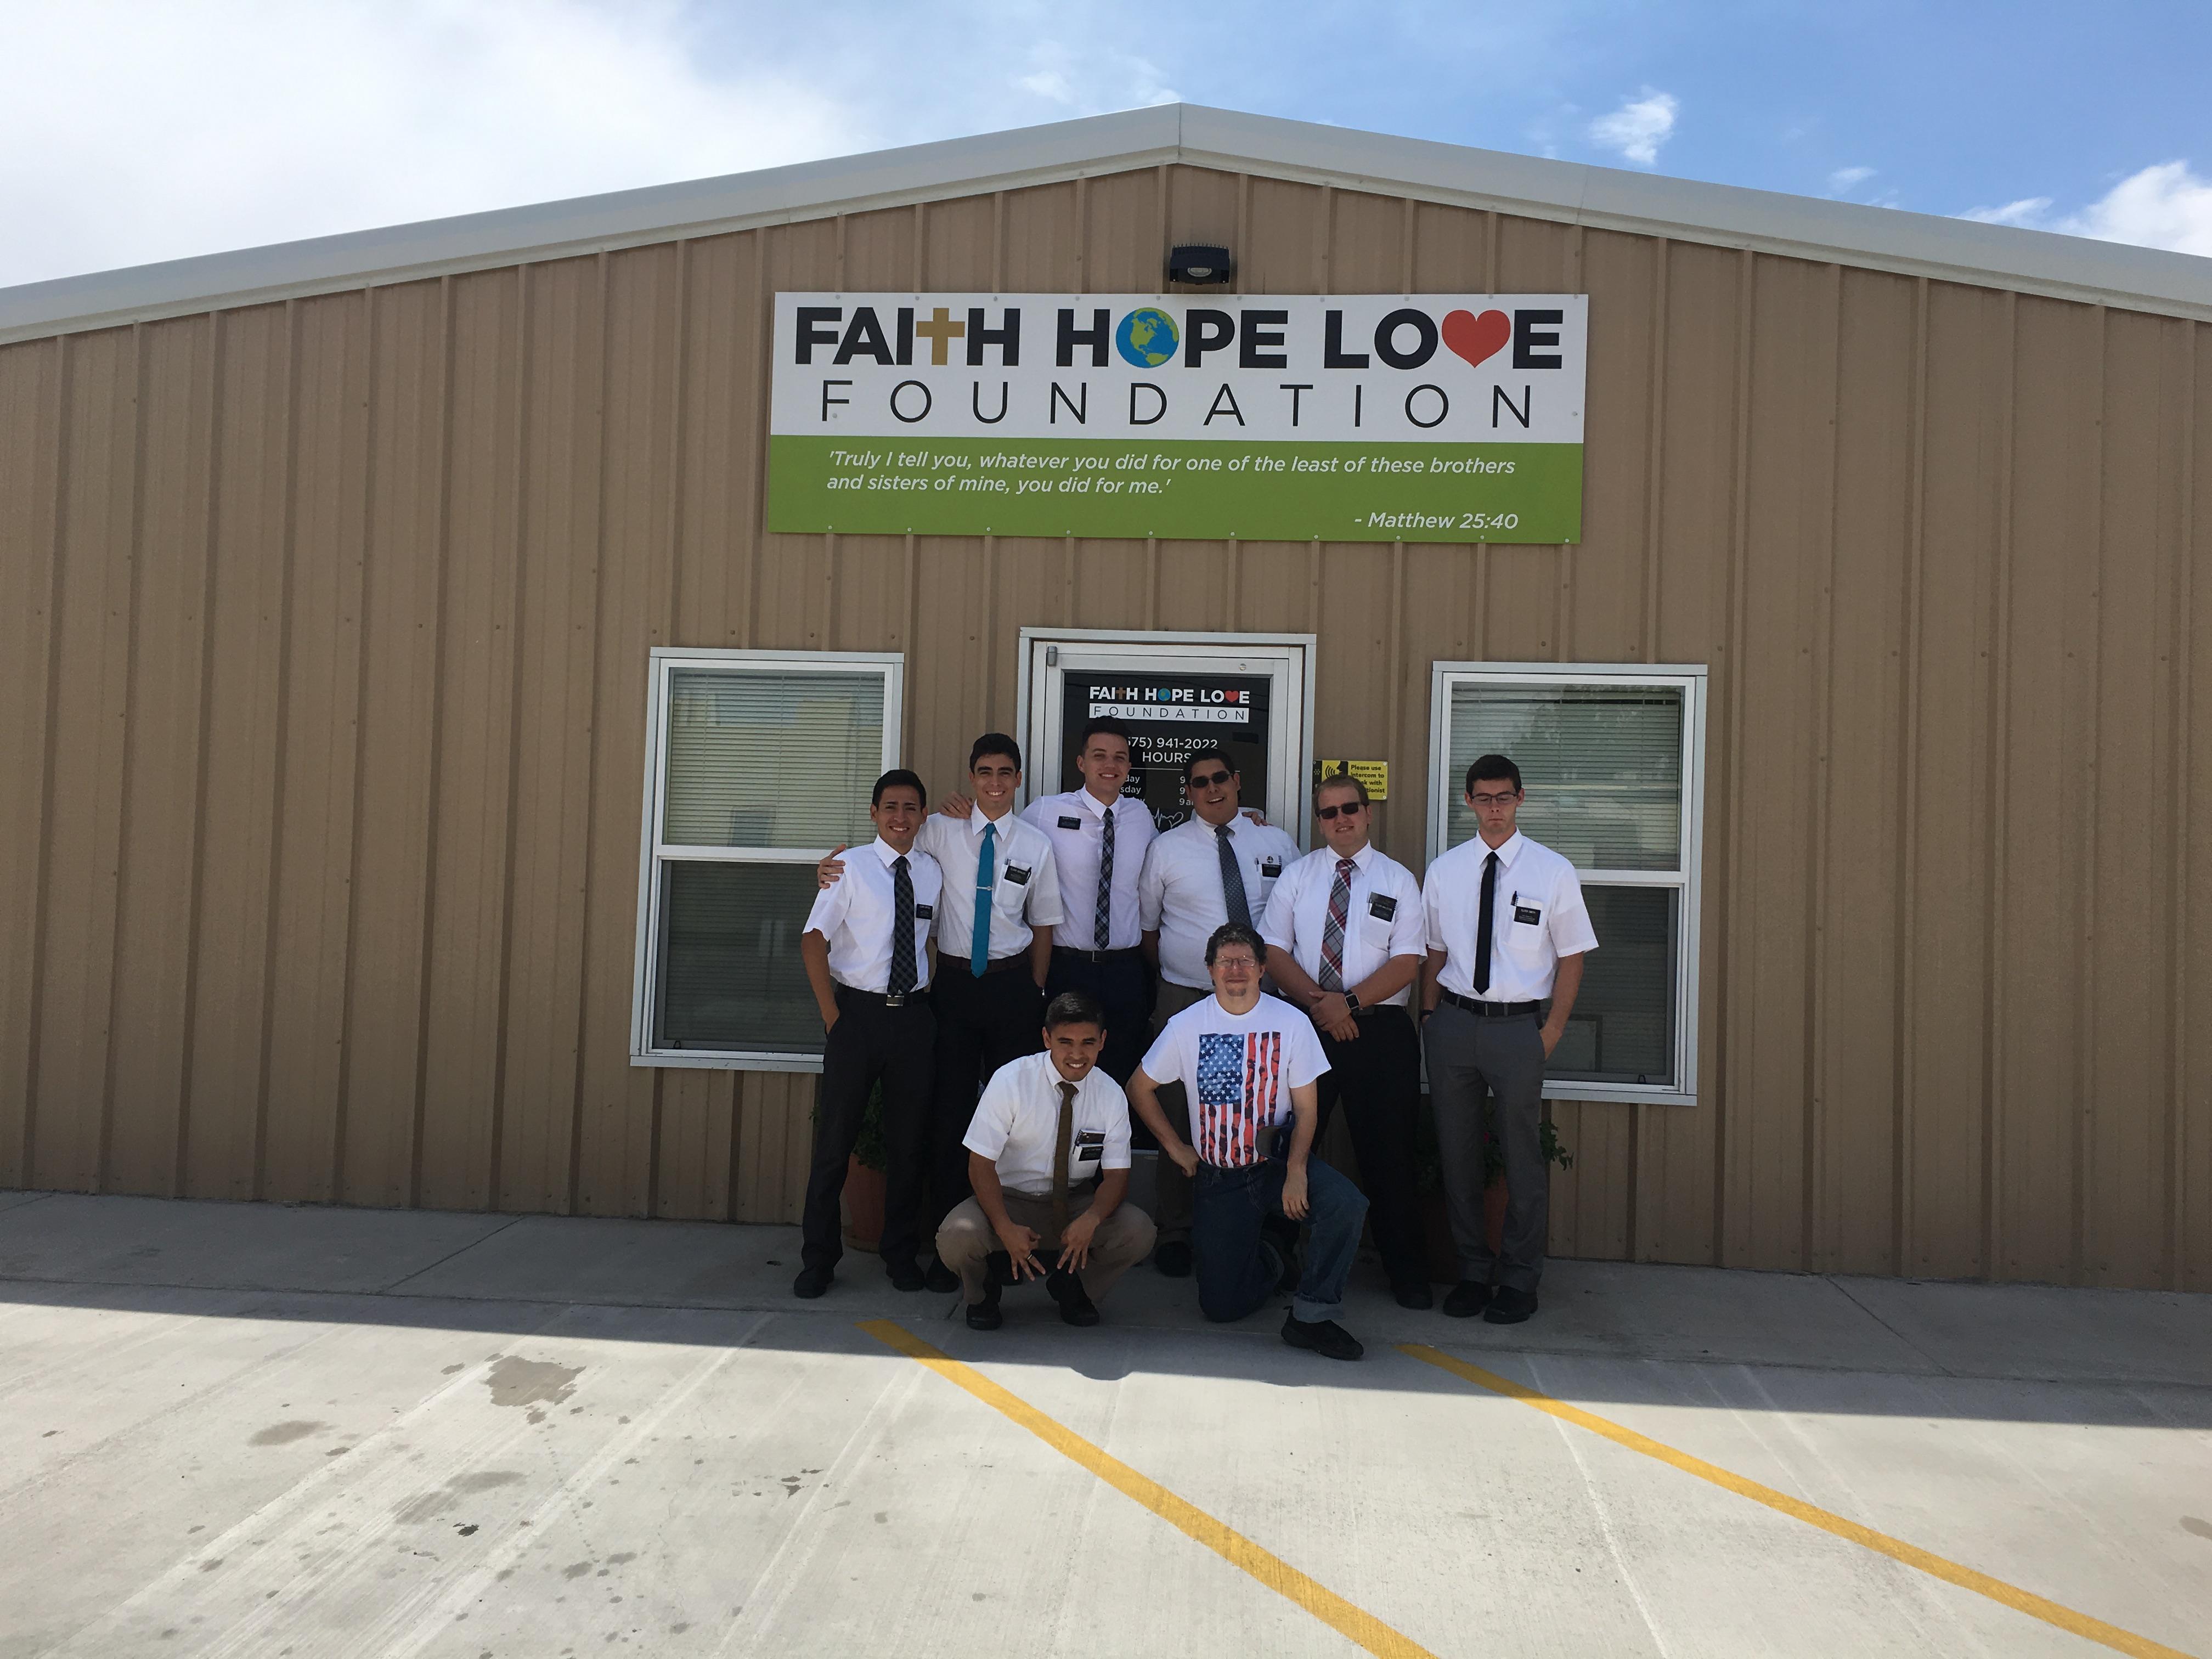 Missionary volunteers